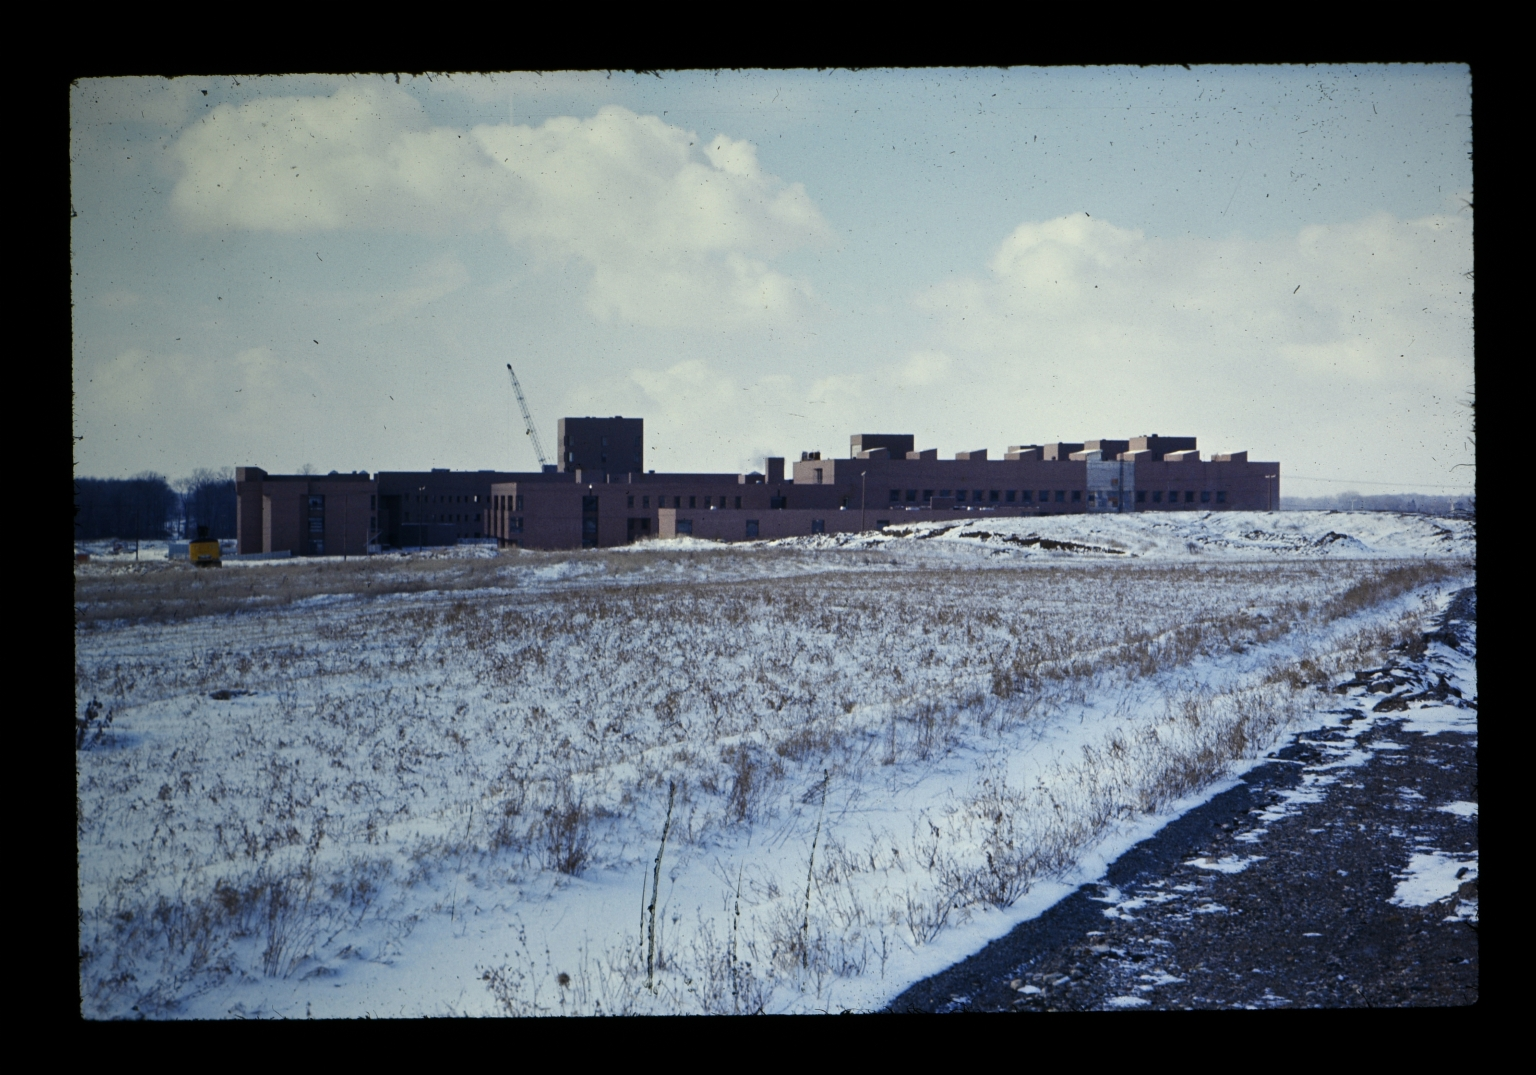 Academic buildings in winter